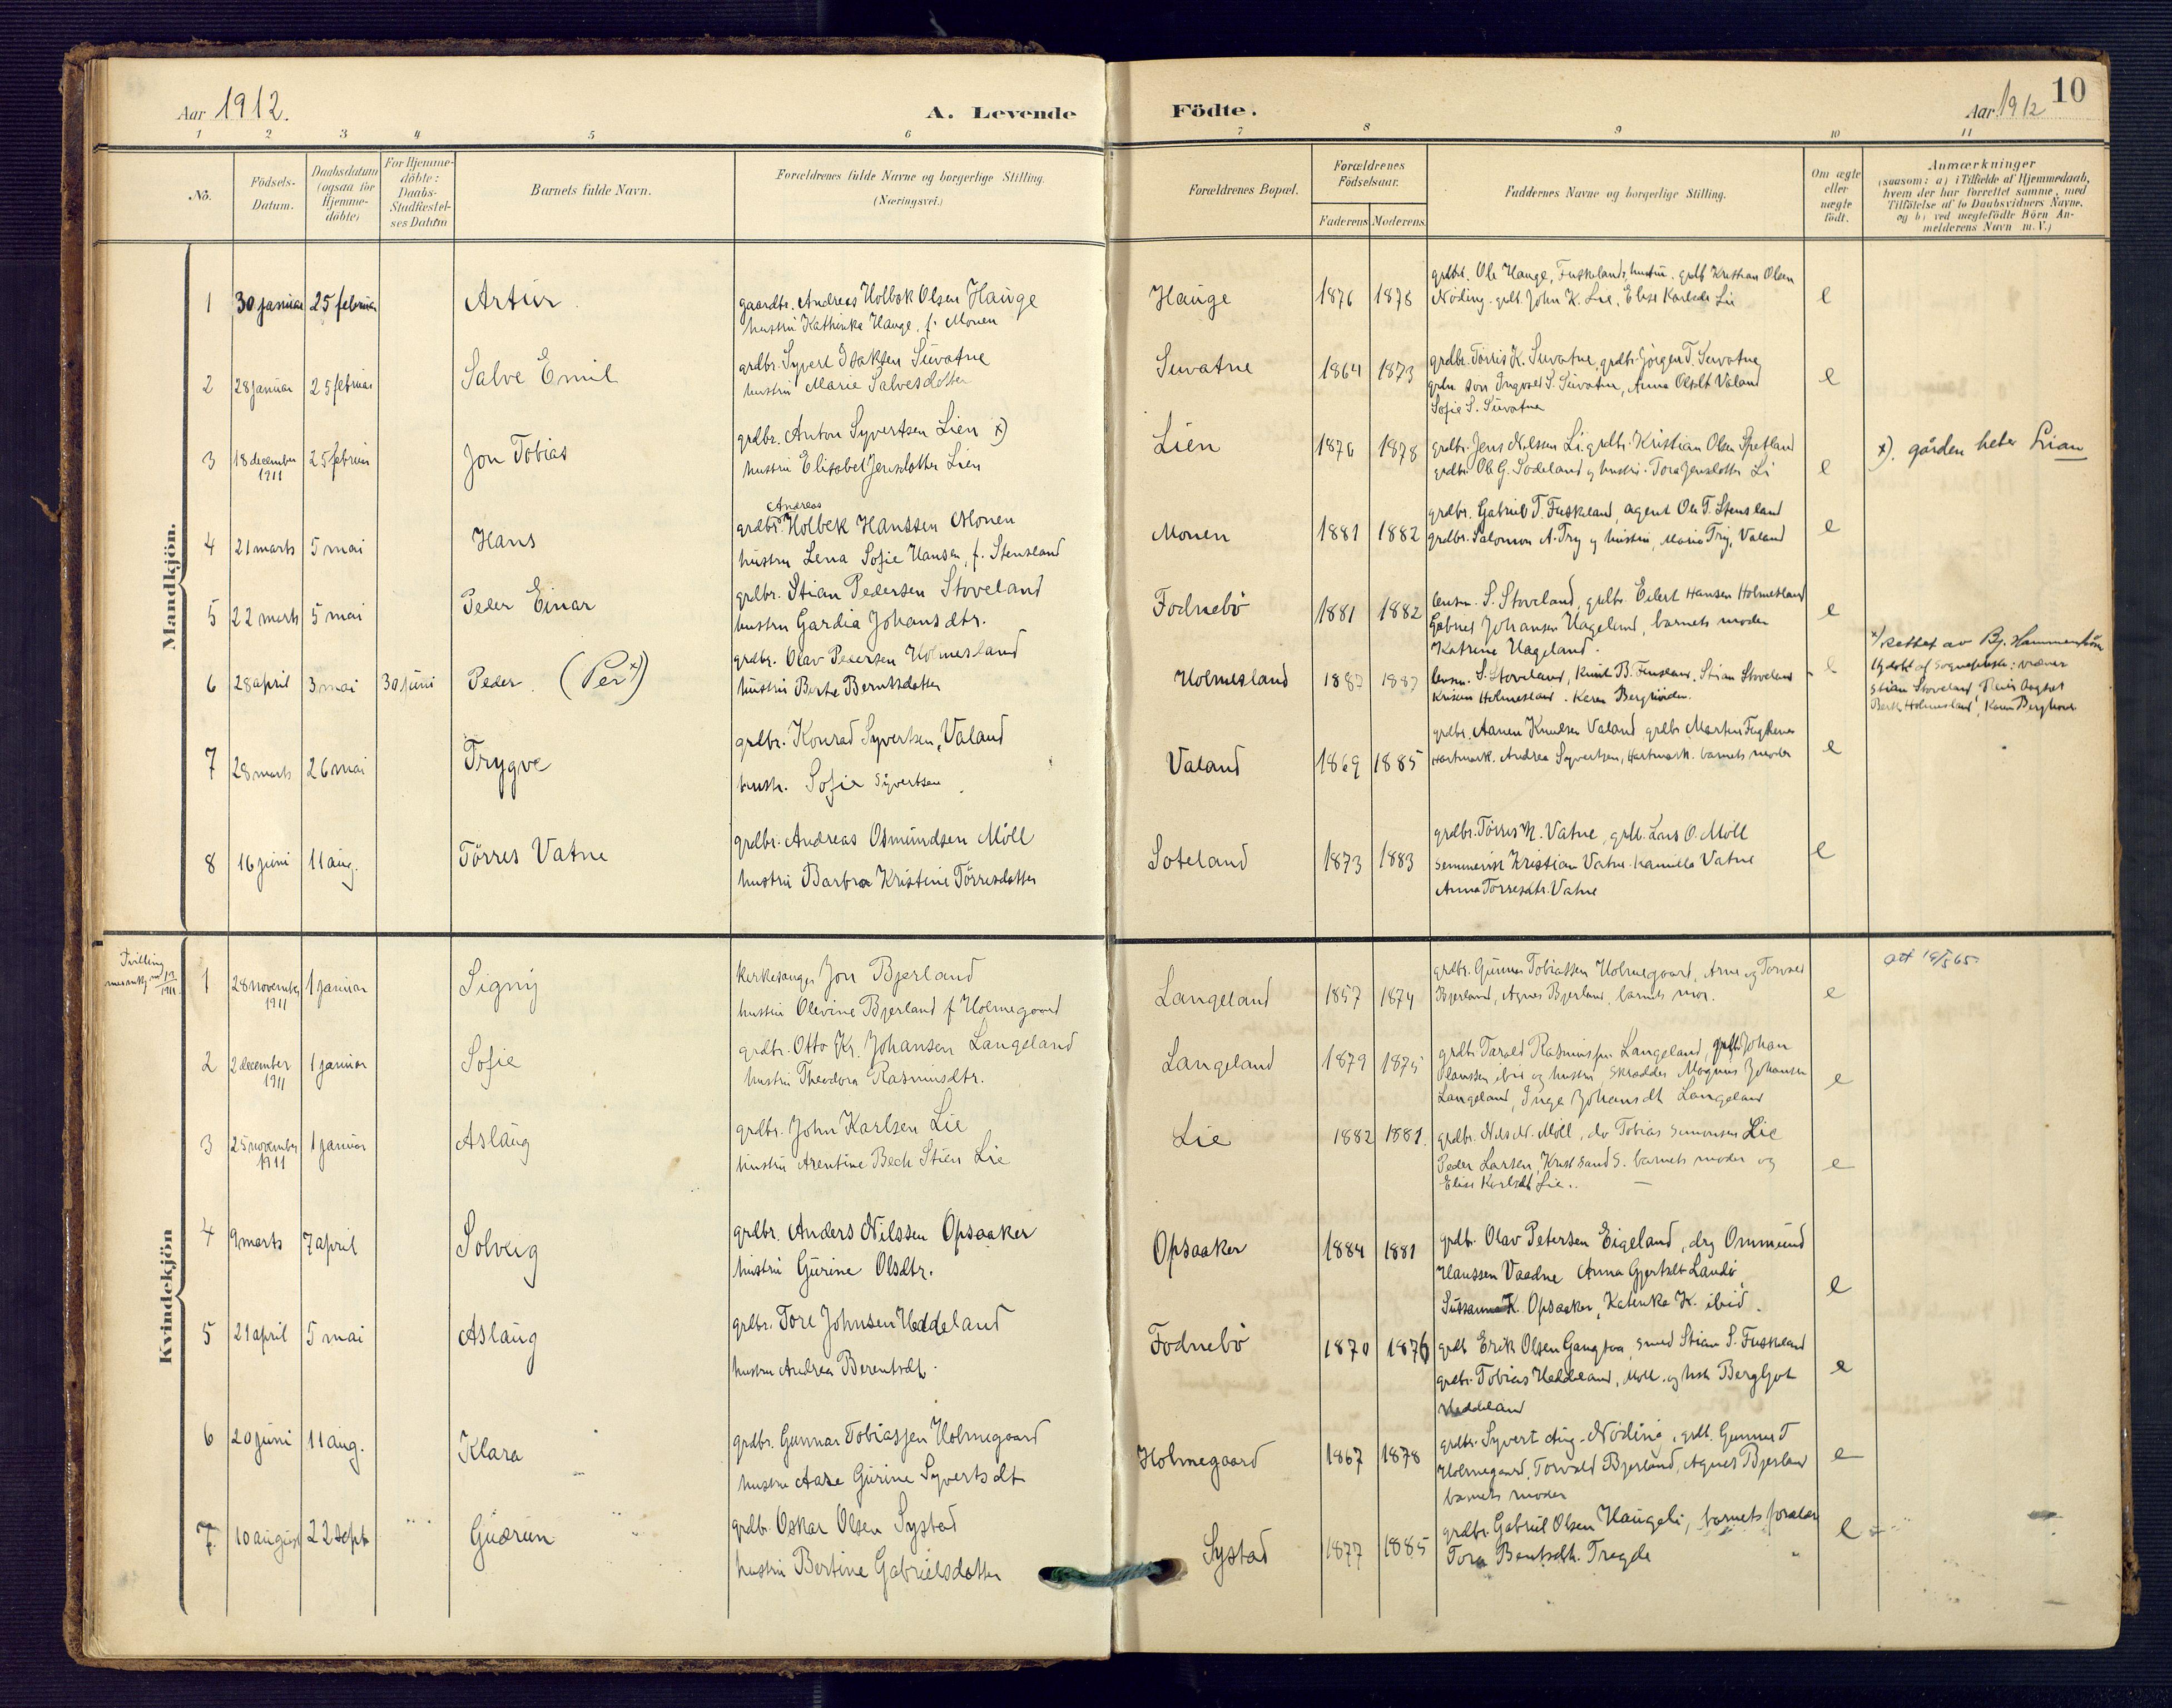 SAK, Holum sokneprestkontor, F/Fa/Faa/L0008: Ministerialbok nr. A 8, 1908-1929, s. 10